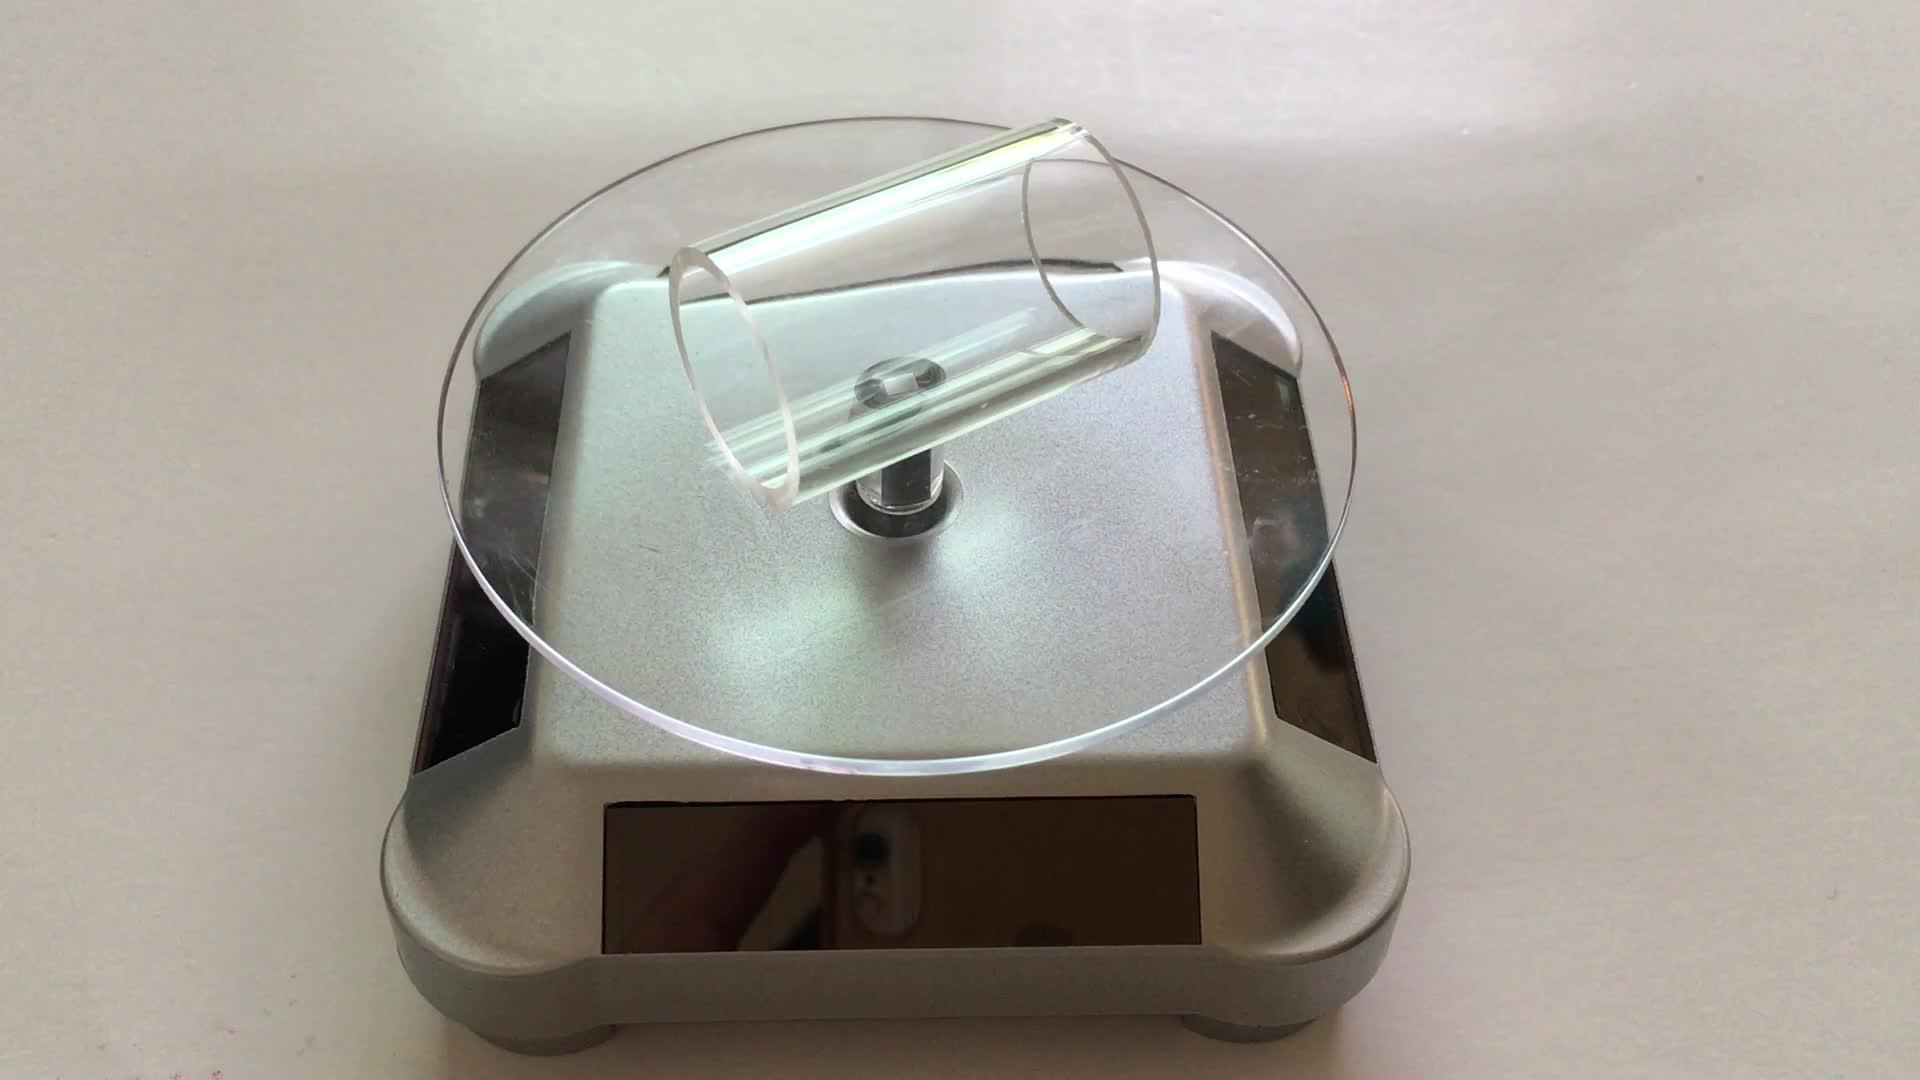 Acryl Rohr Große Durchmesser OD150x3x1000mm Hohe Klar Kunststoff PMMA Transparent Wasser Aquarium Runde Rohre Gebäude Hotel Decor